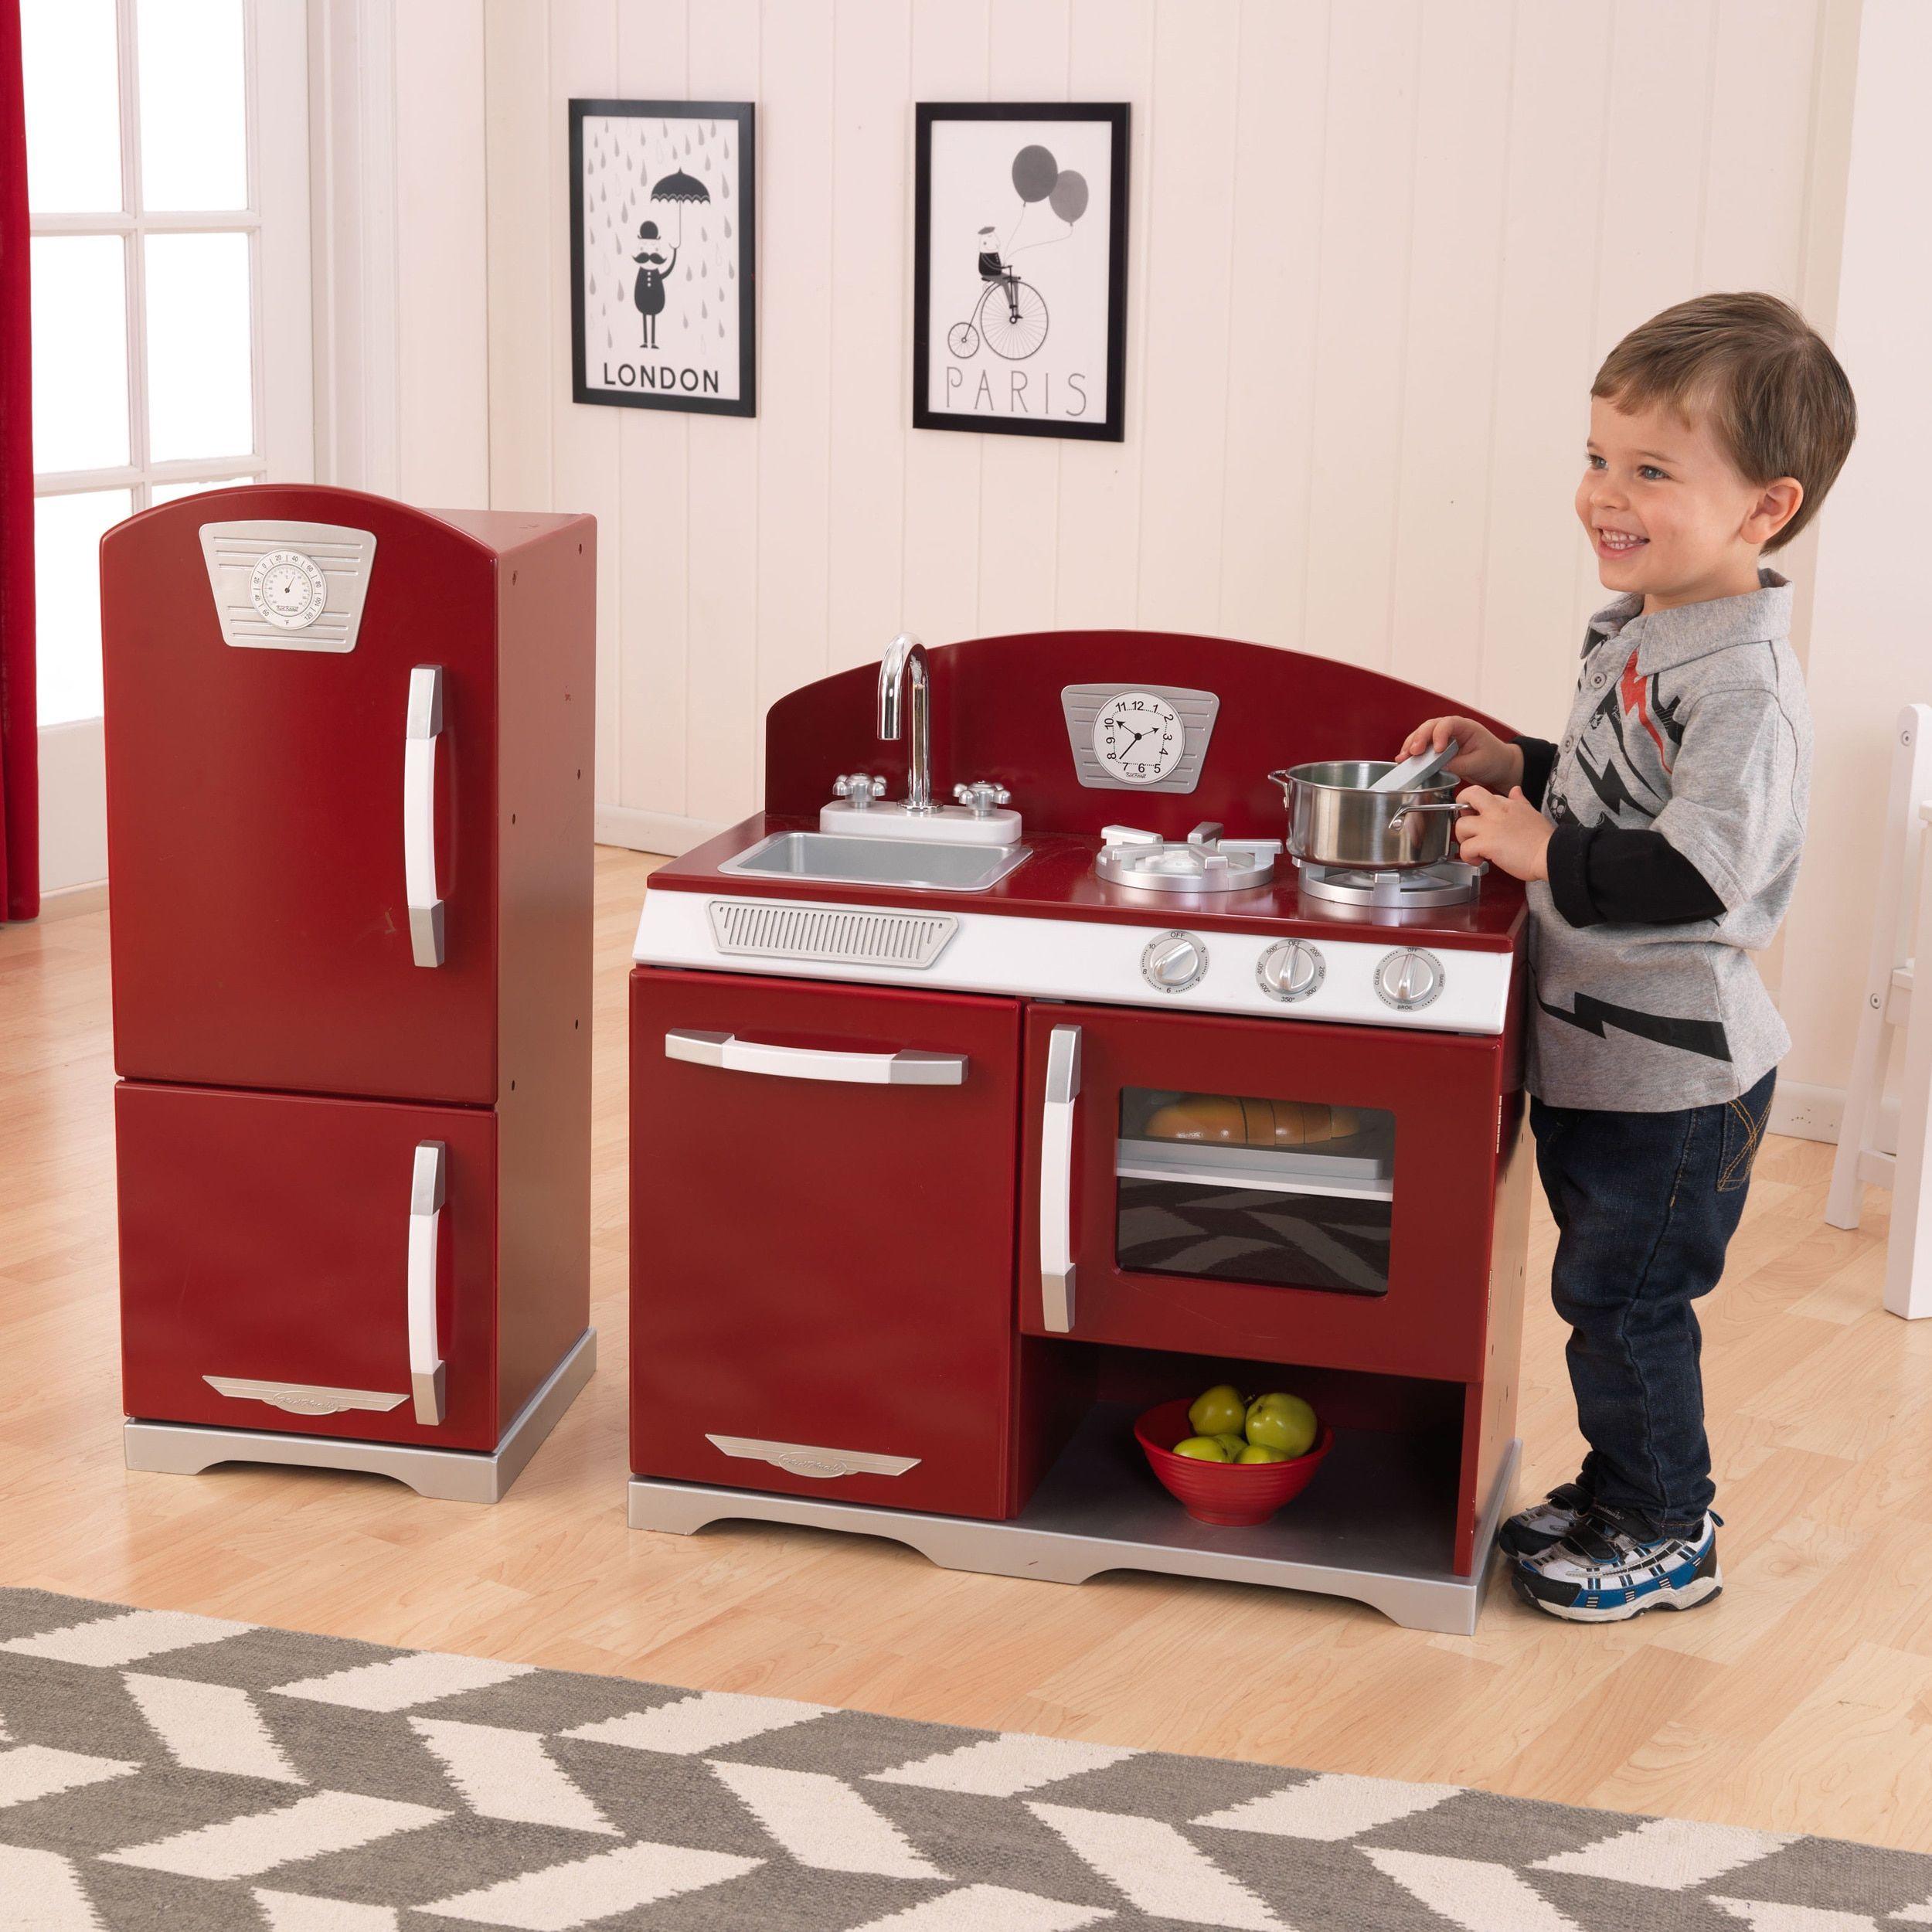 KidKraft Retro Kitchen and Refrigerator (Pink)